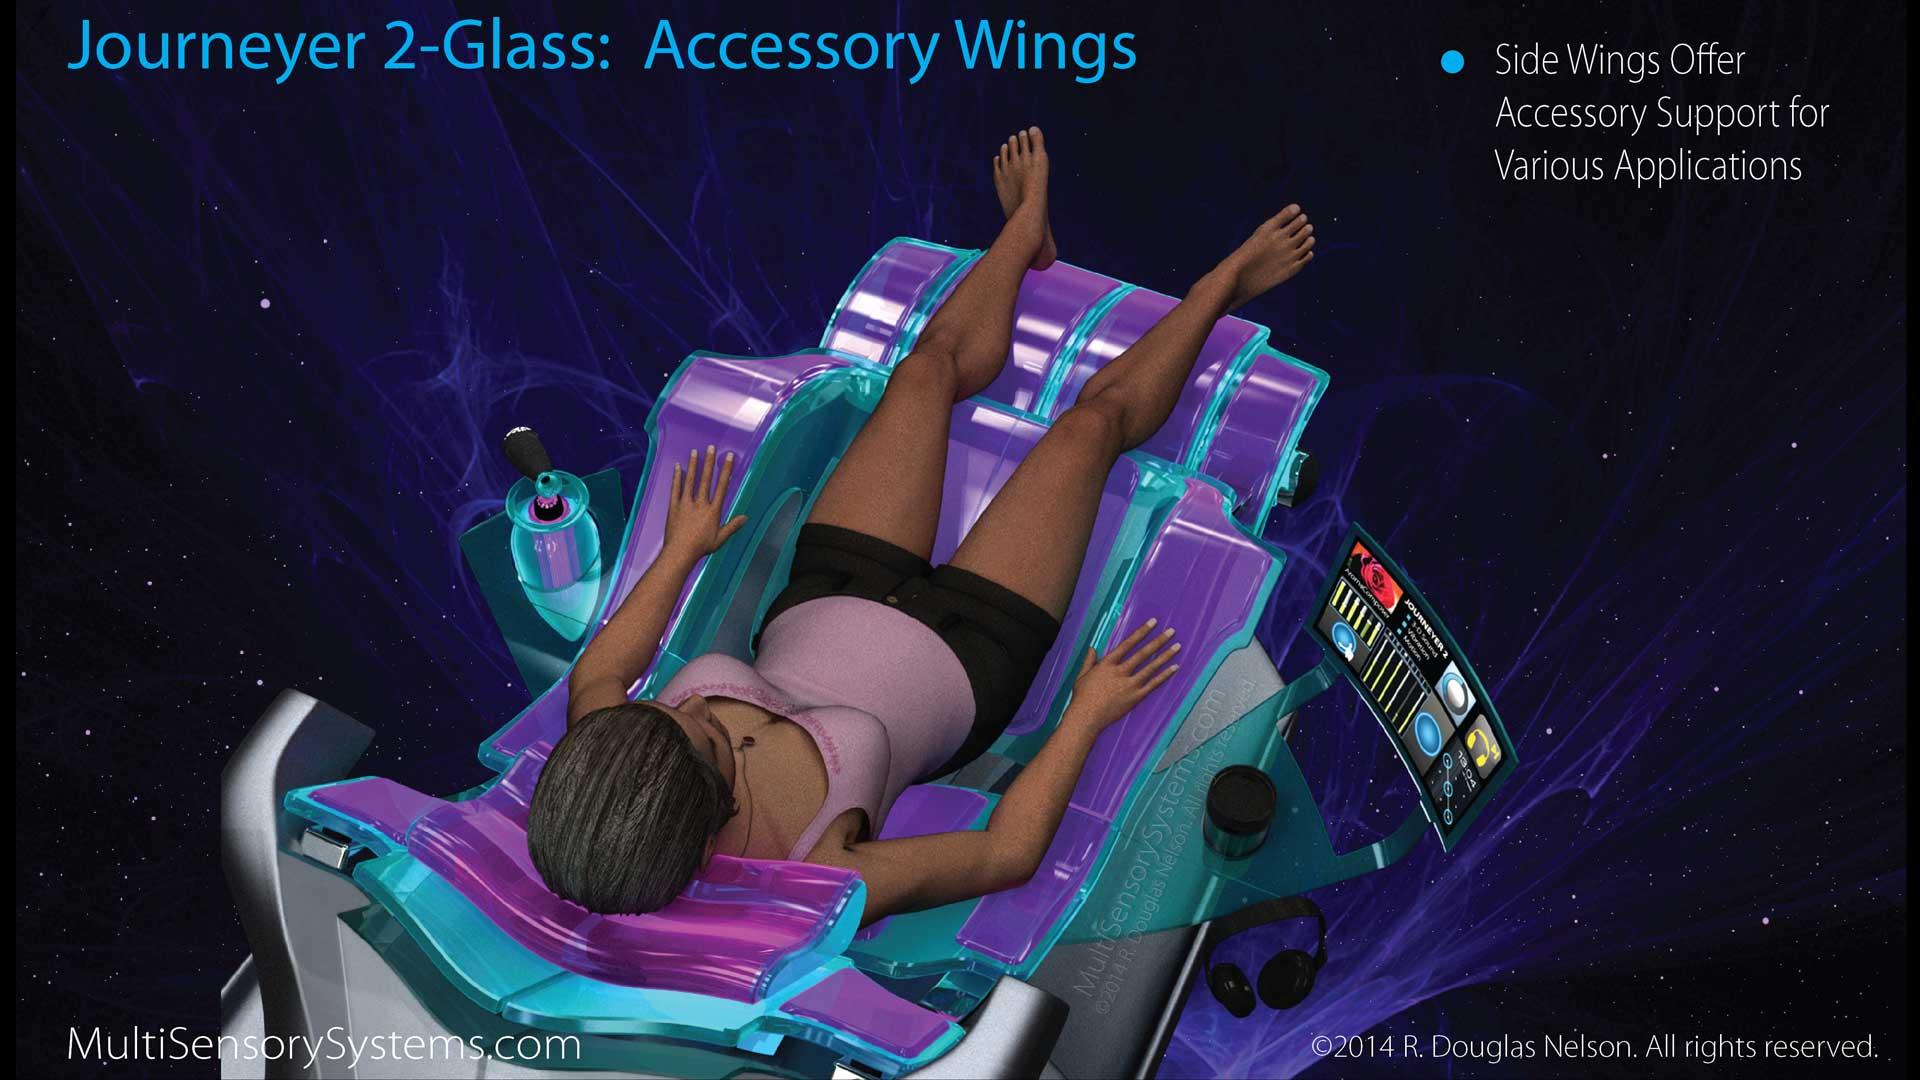 J2-G Accessory Wings